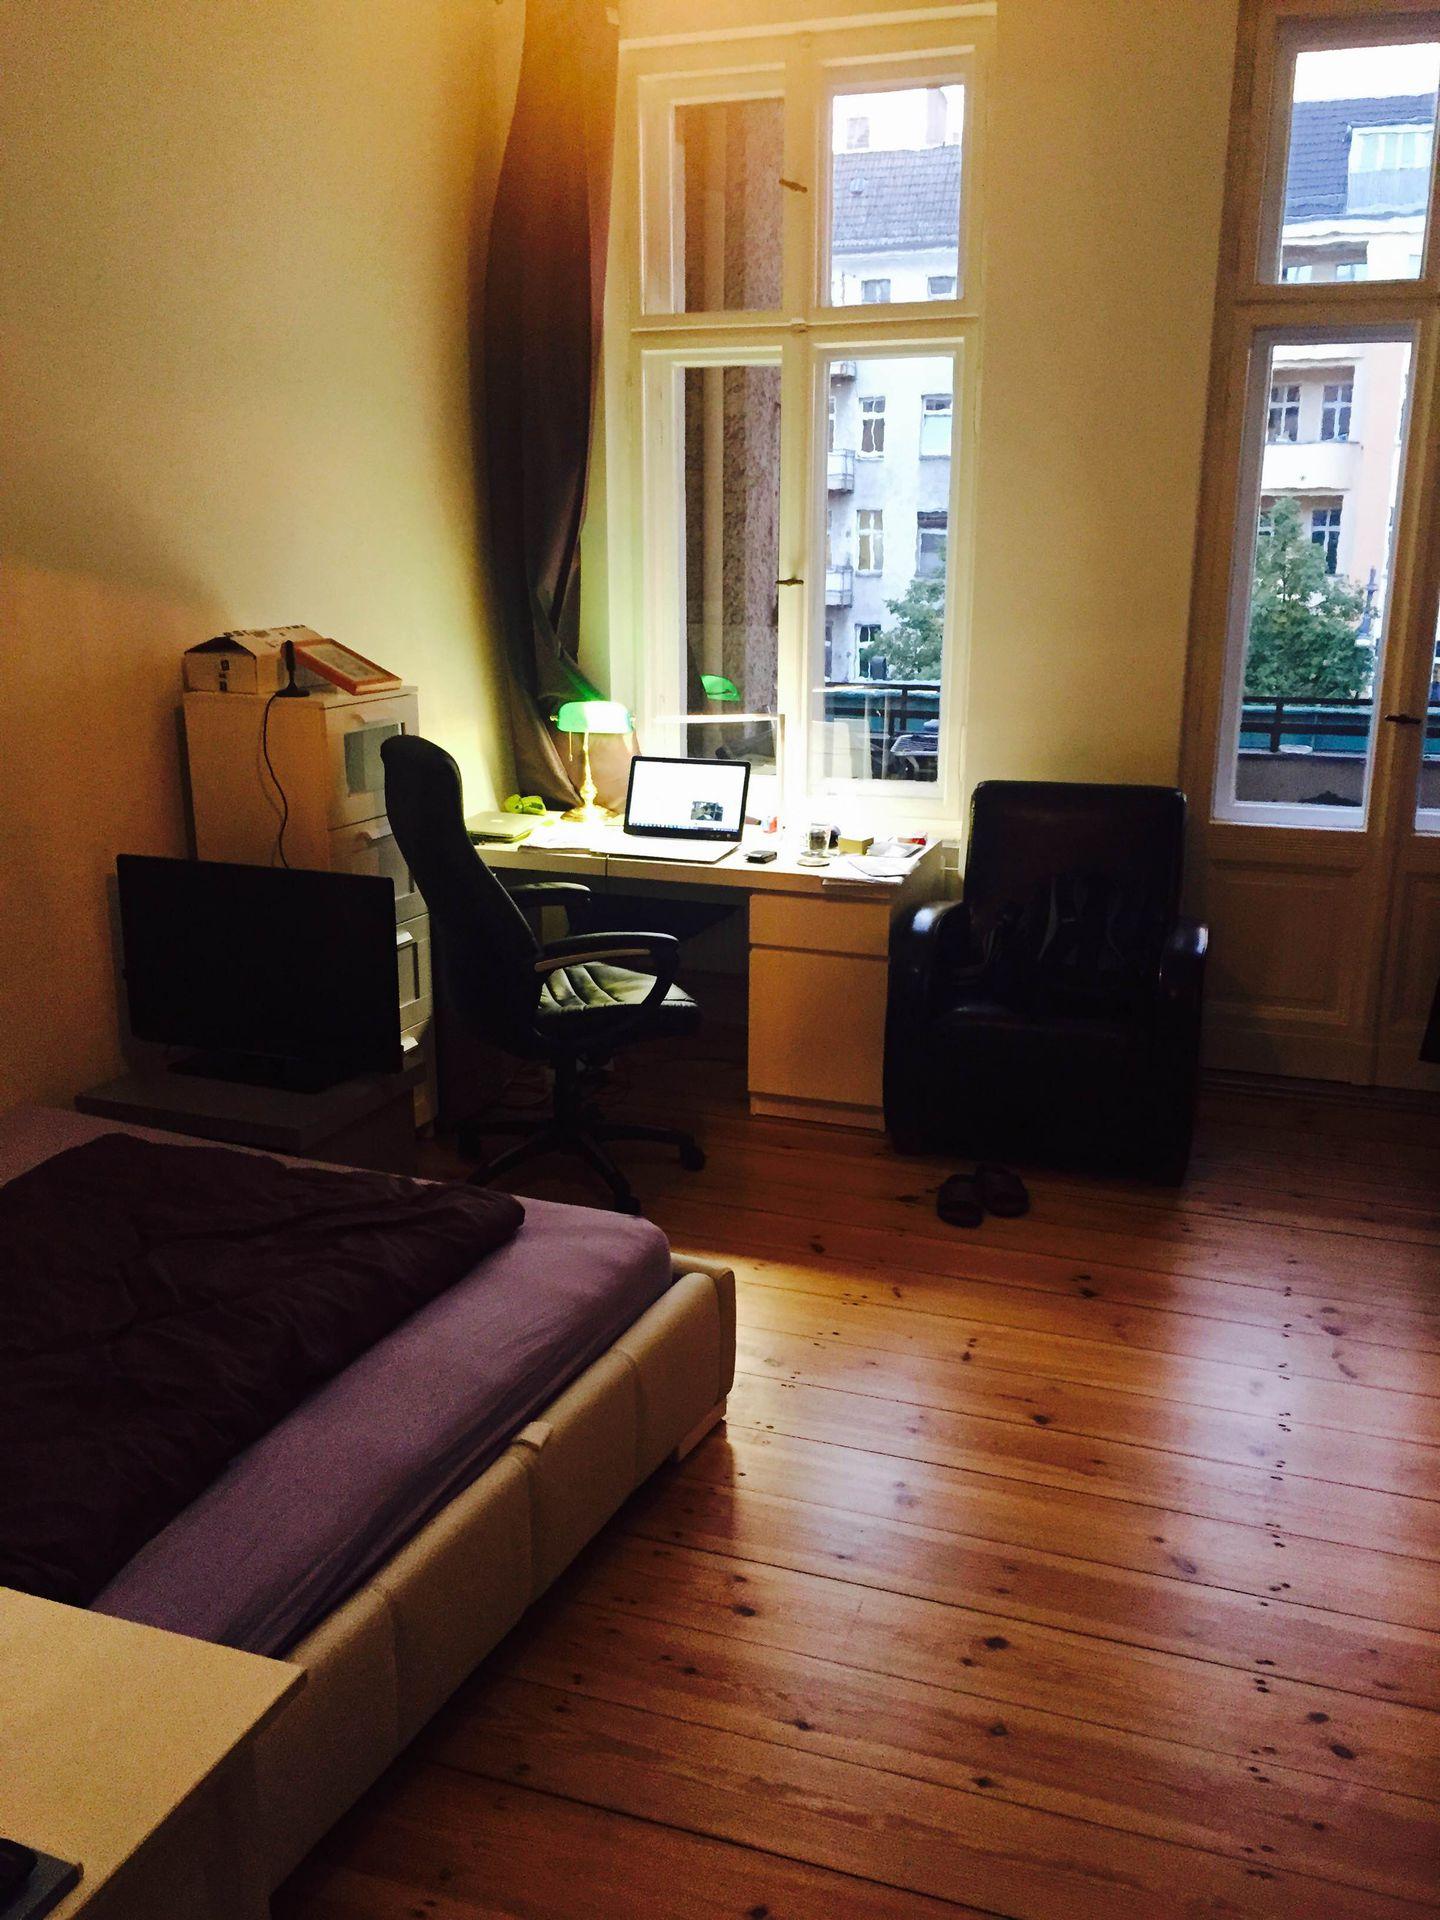 Berlin: Poetenwohnung im Prenzlauer Berg mit Balkon - Home Exchange